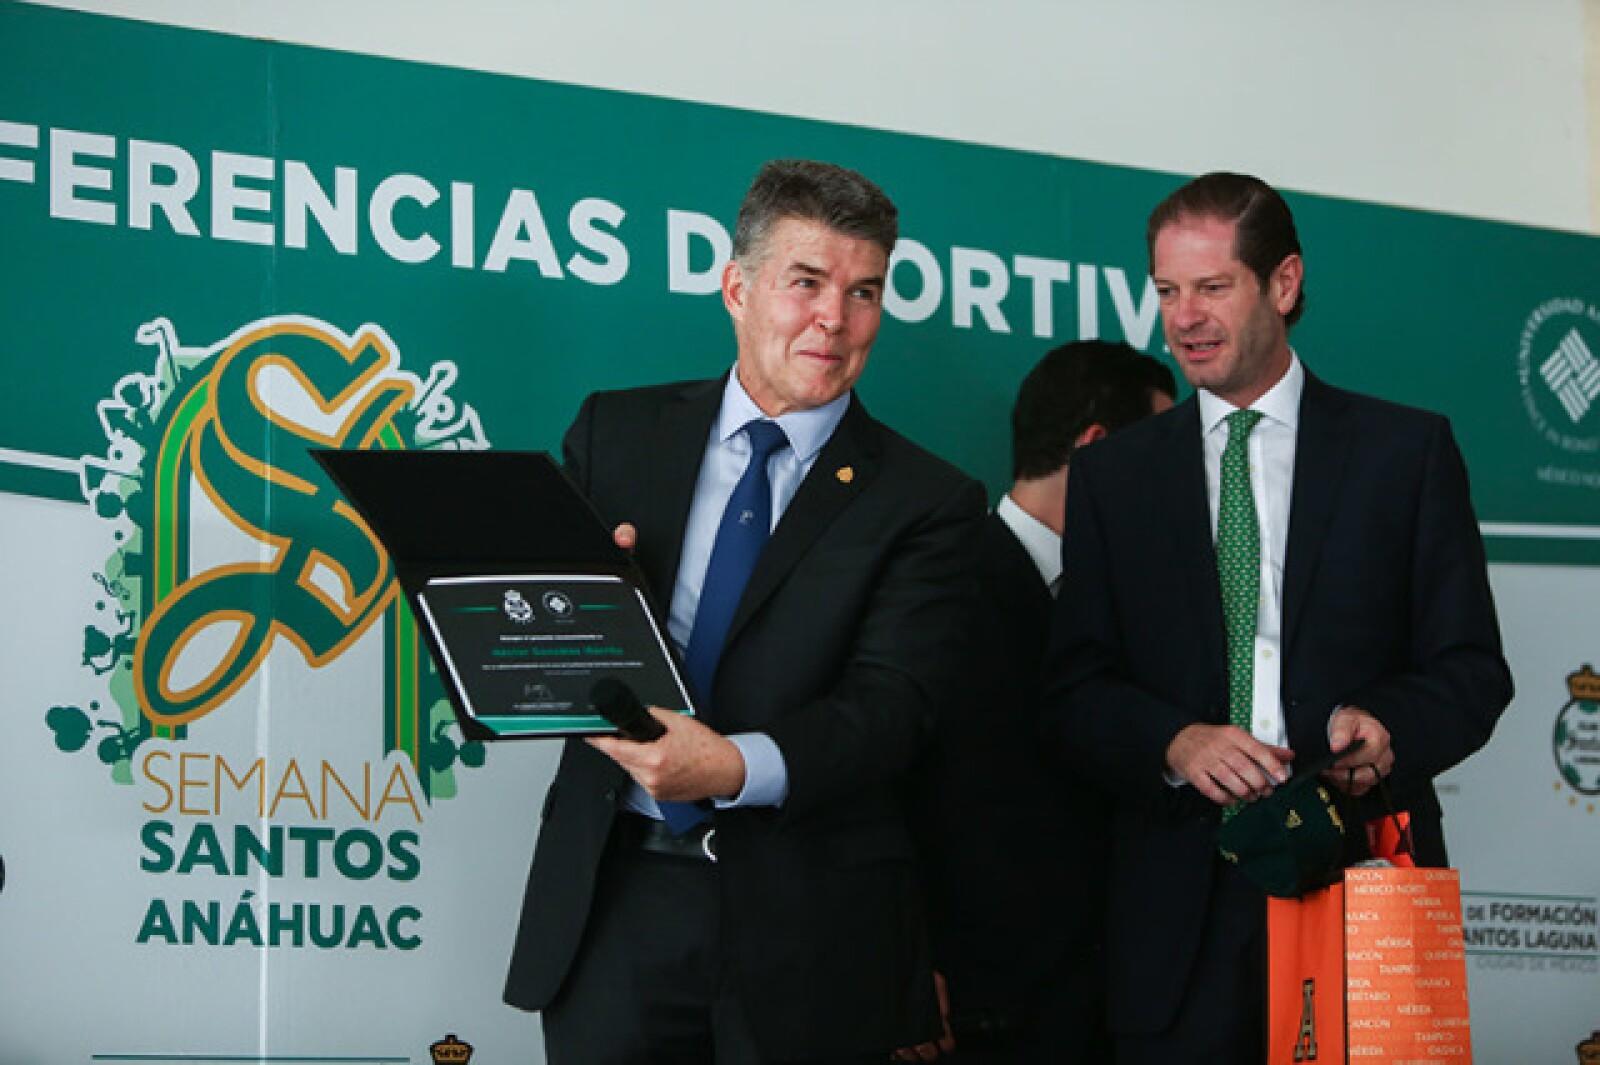 Héctor González Iñárritu y Manuel Portilla